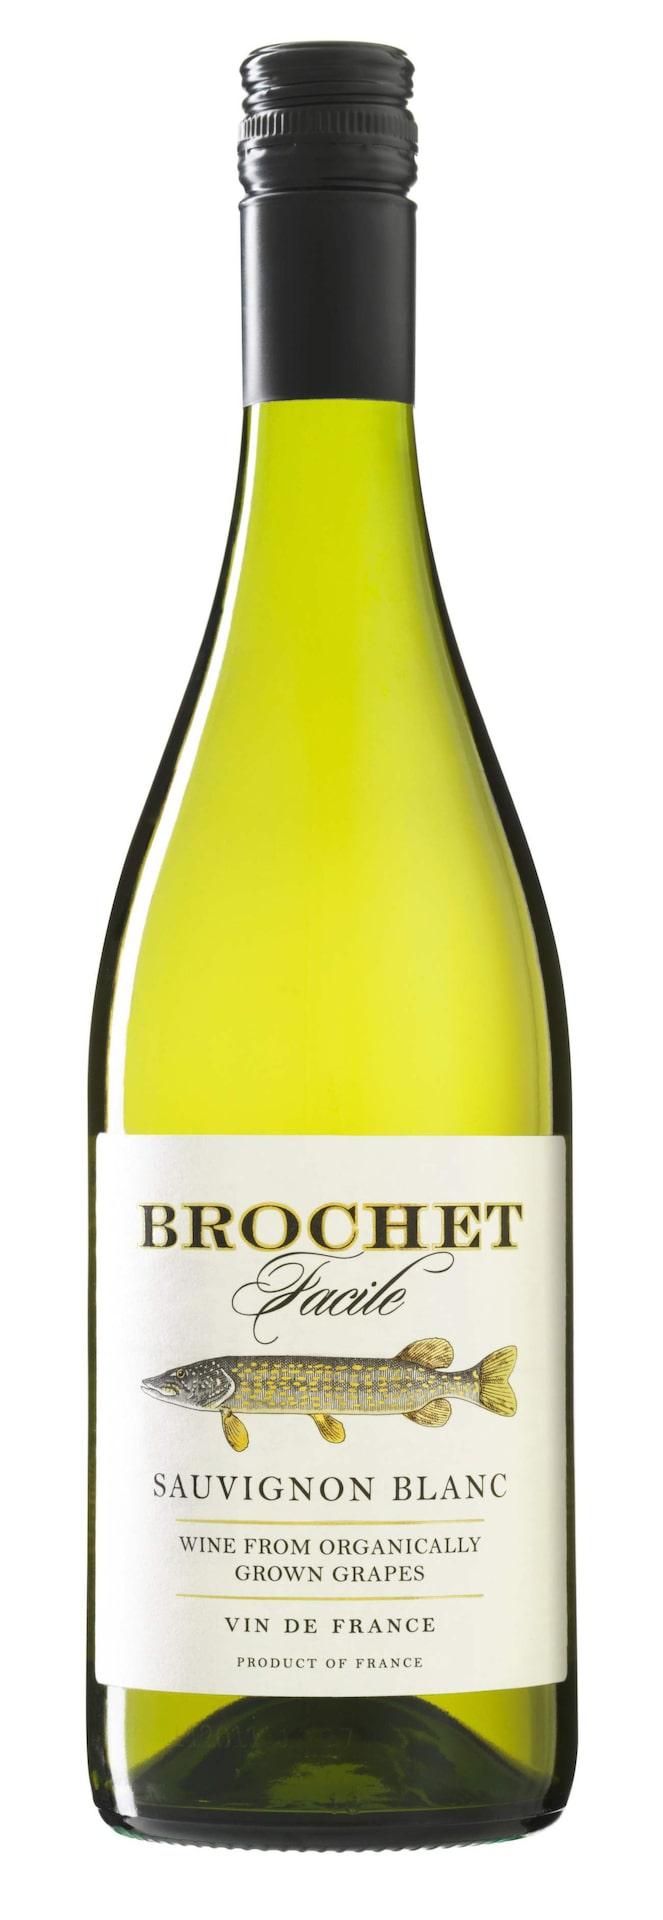 VittBrochet Facile Sauvignon Blanc 2014 (2267) Frankrike, 71 krUtmärkt, ungt vin med lättsamt aromatiska toner, inslag av krusbär och nässlor i frisk stil. Gott till exempelvis en len avocadosoppa med parmesanchips.